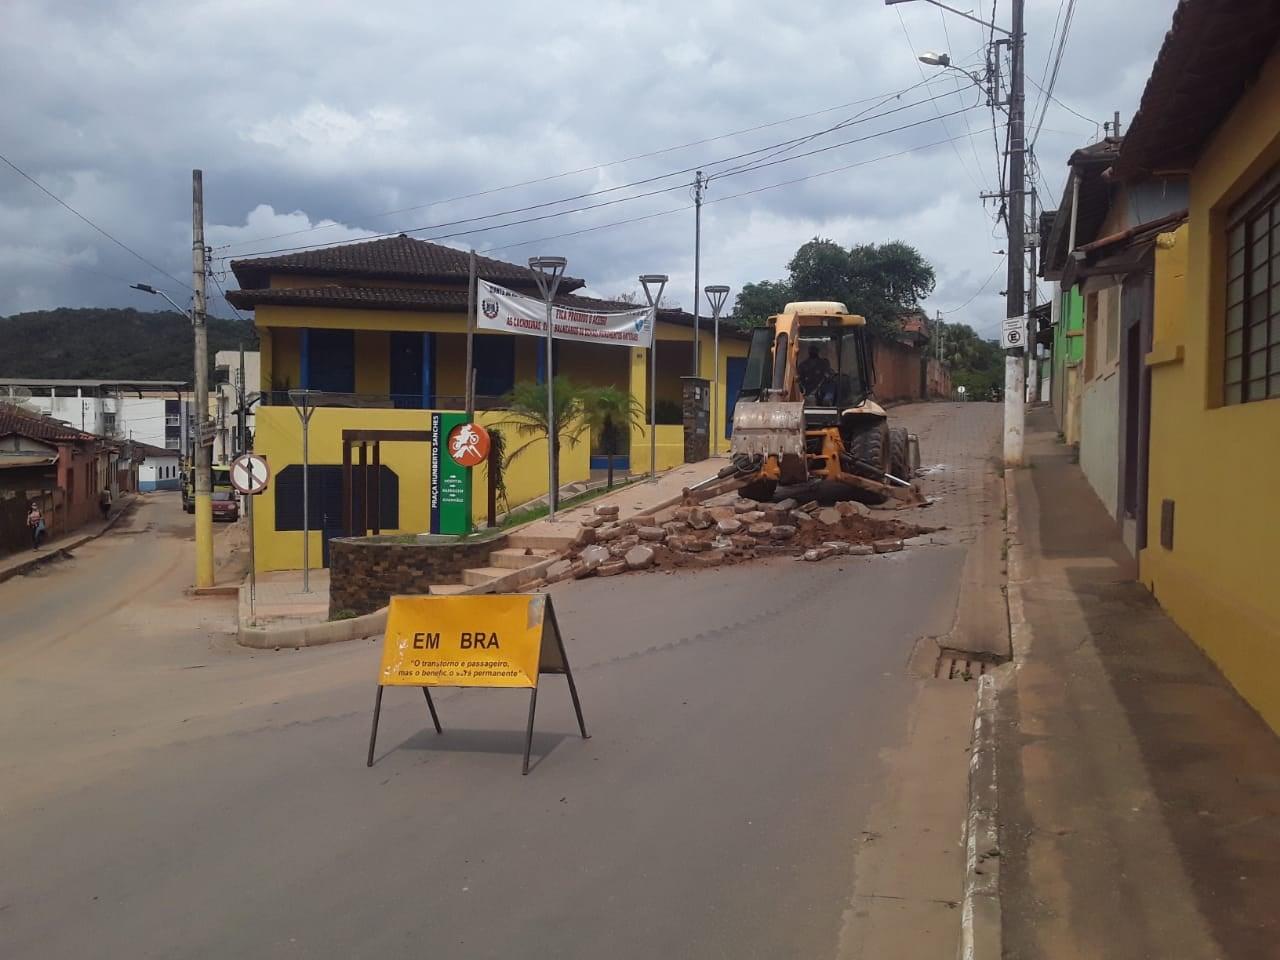 A Prefeitura Municipal de Dom Joaquim, por meio da Secretaria de Obras, informa melhorias em diversas áreas apontadas como deficientes pela população.